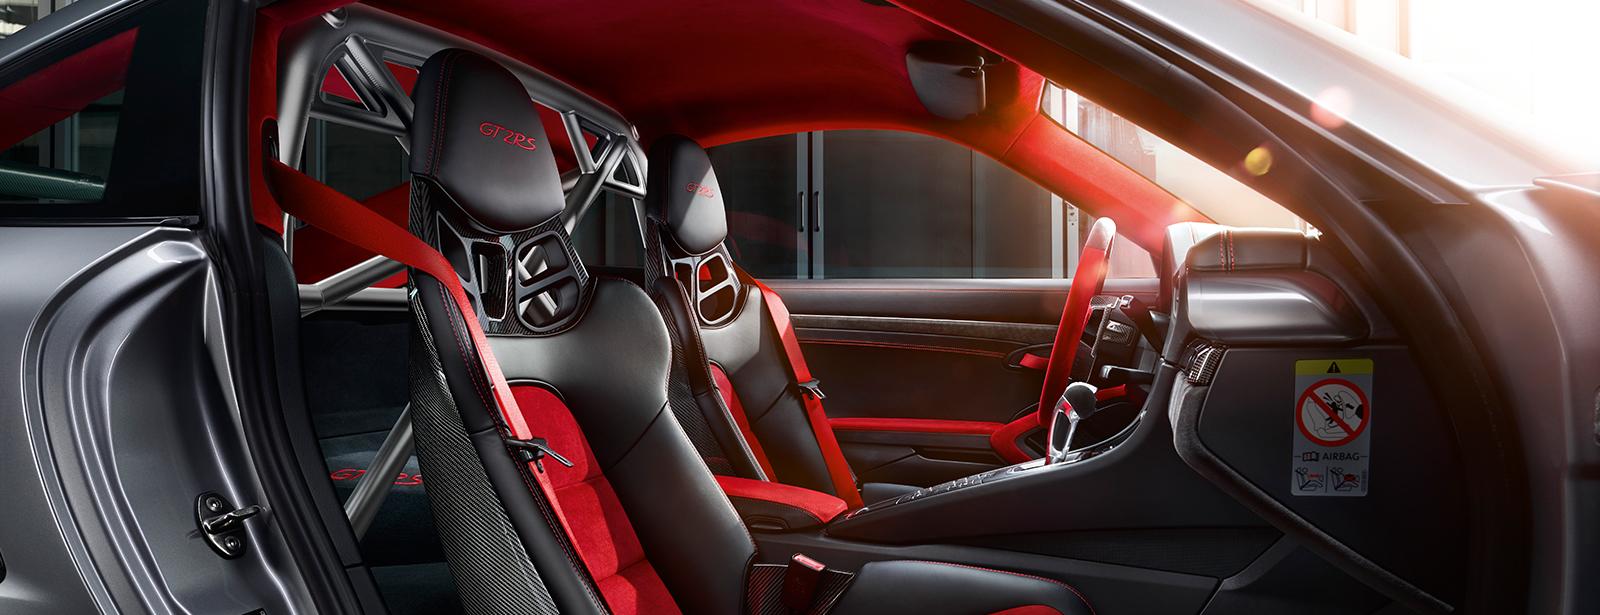 O Clubsport Package aproxima o 911 GT2 RS ainda mais do universo da competição